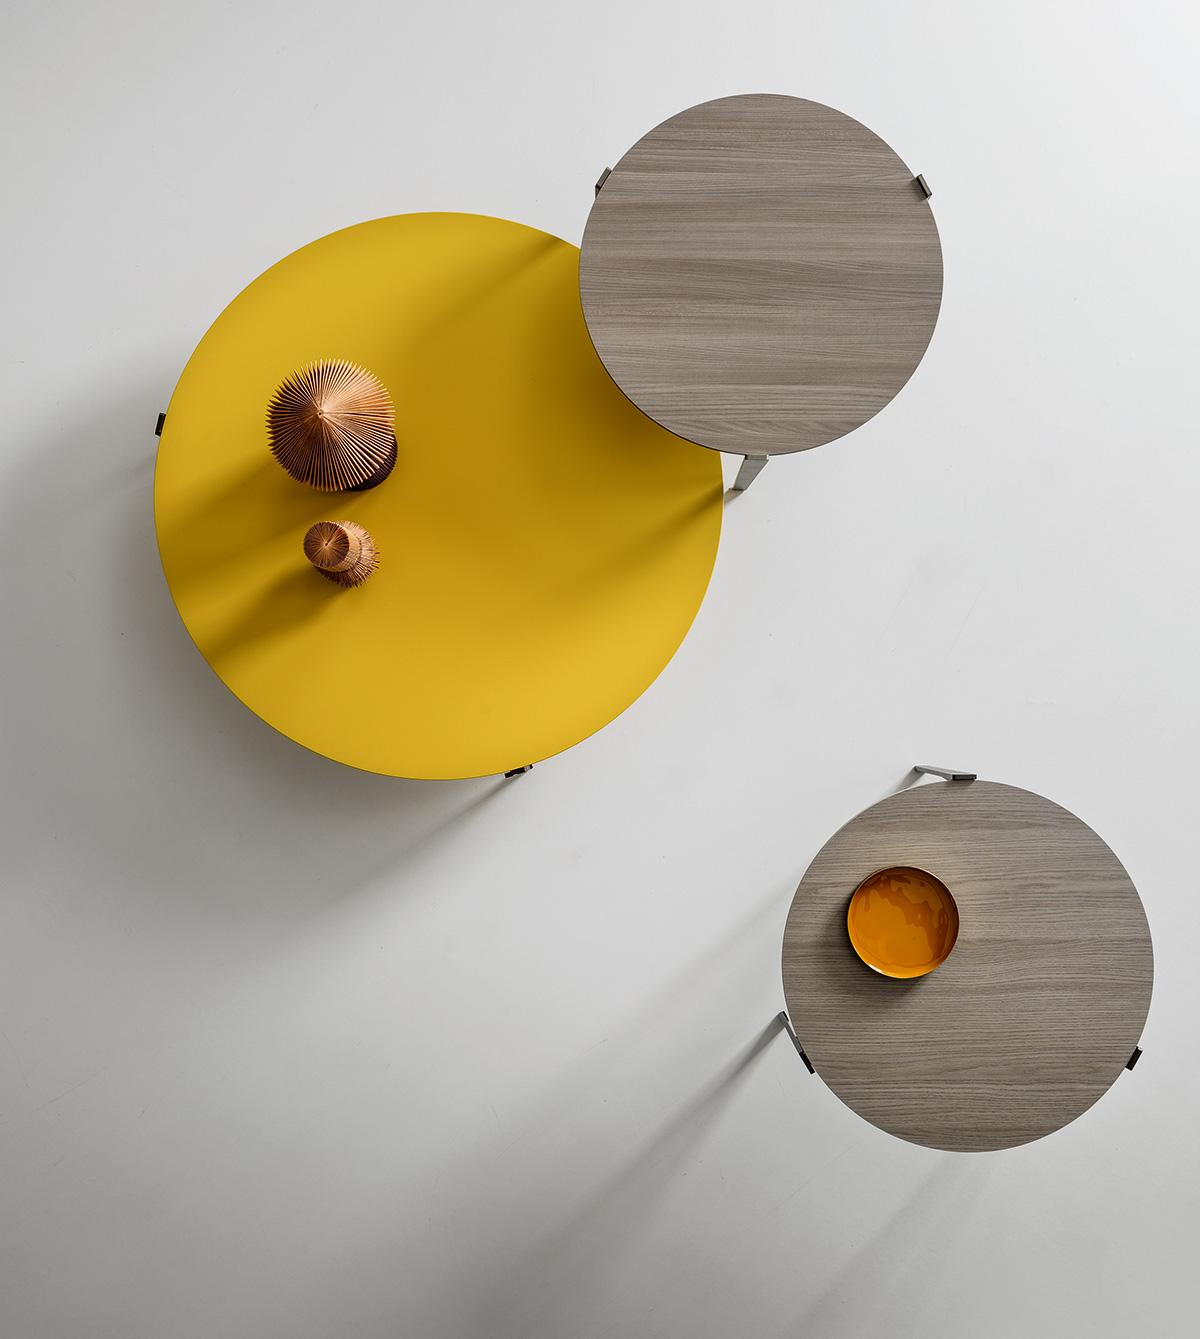 Idee regalo a natale oggetti di design per la casa for Oggetti di design da regalare